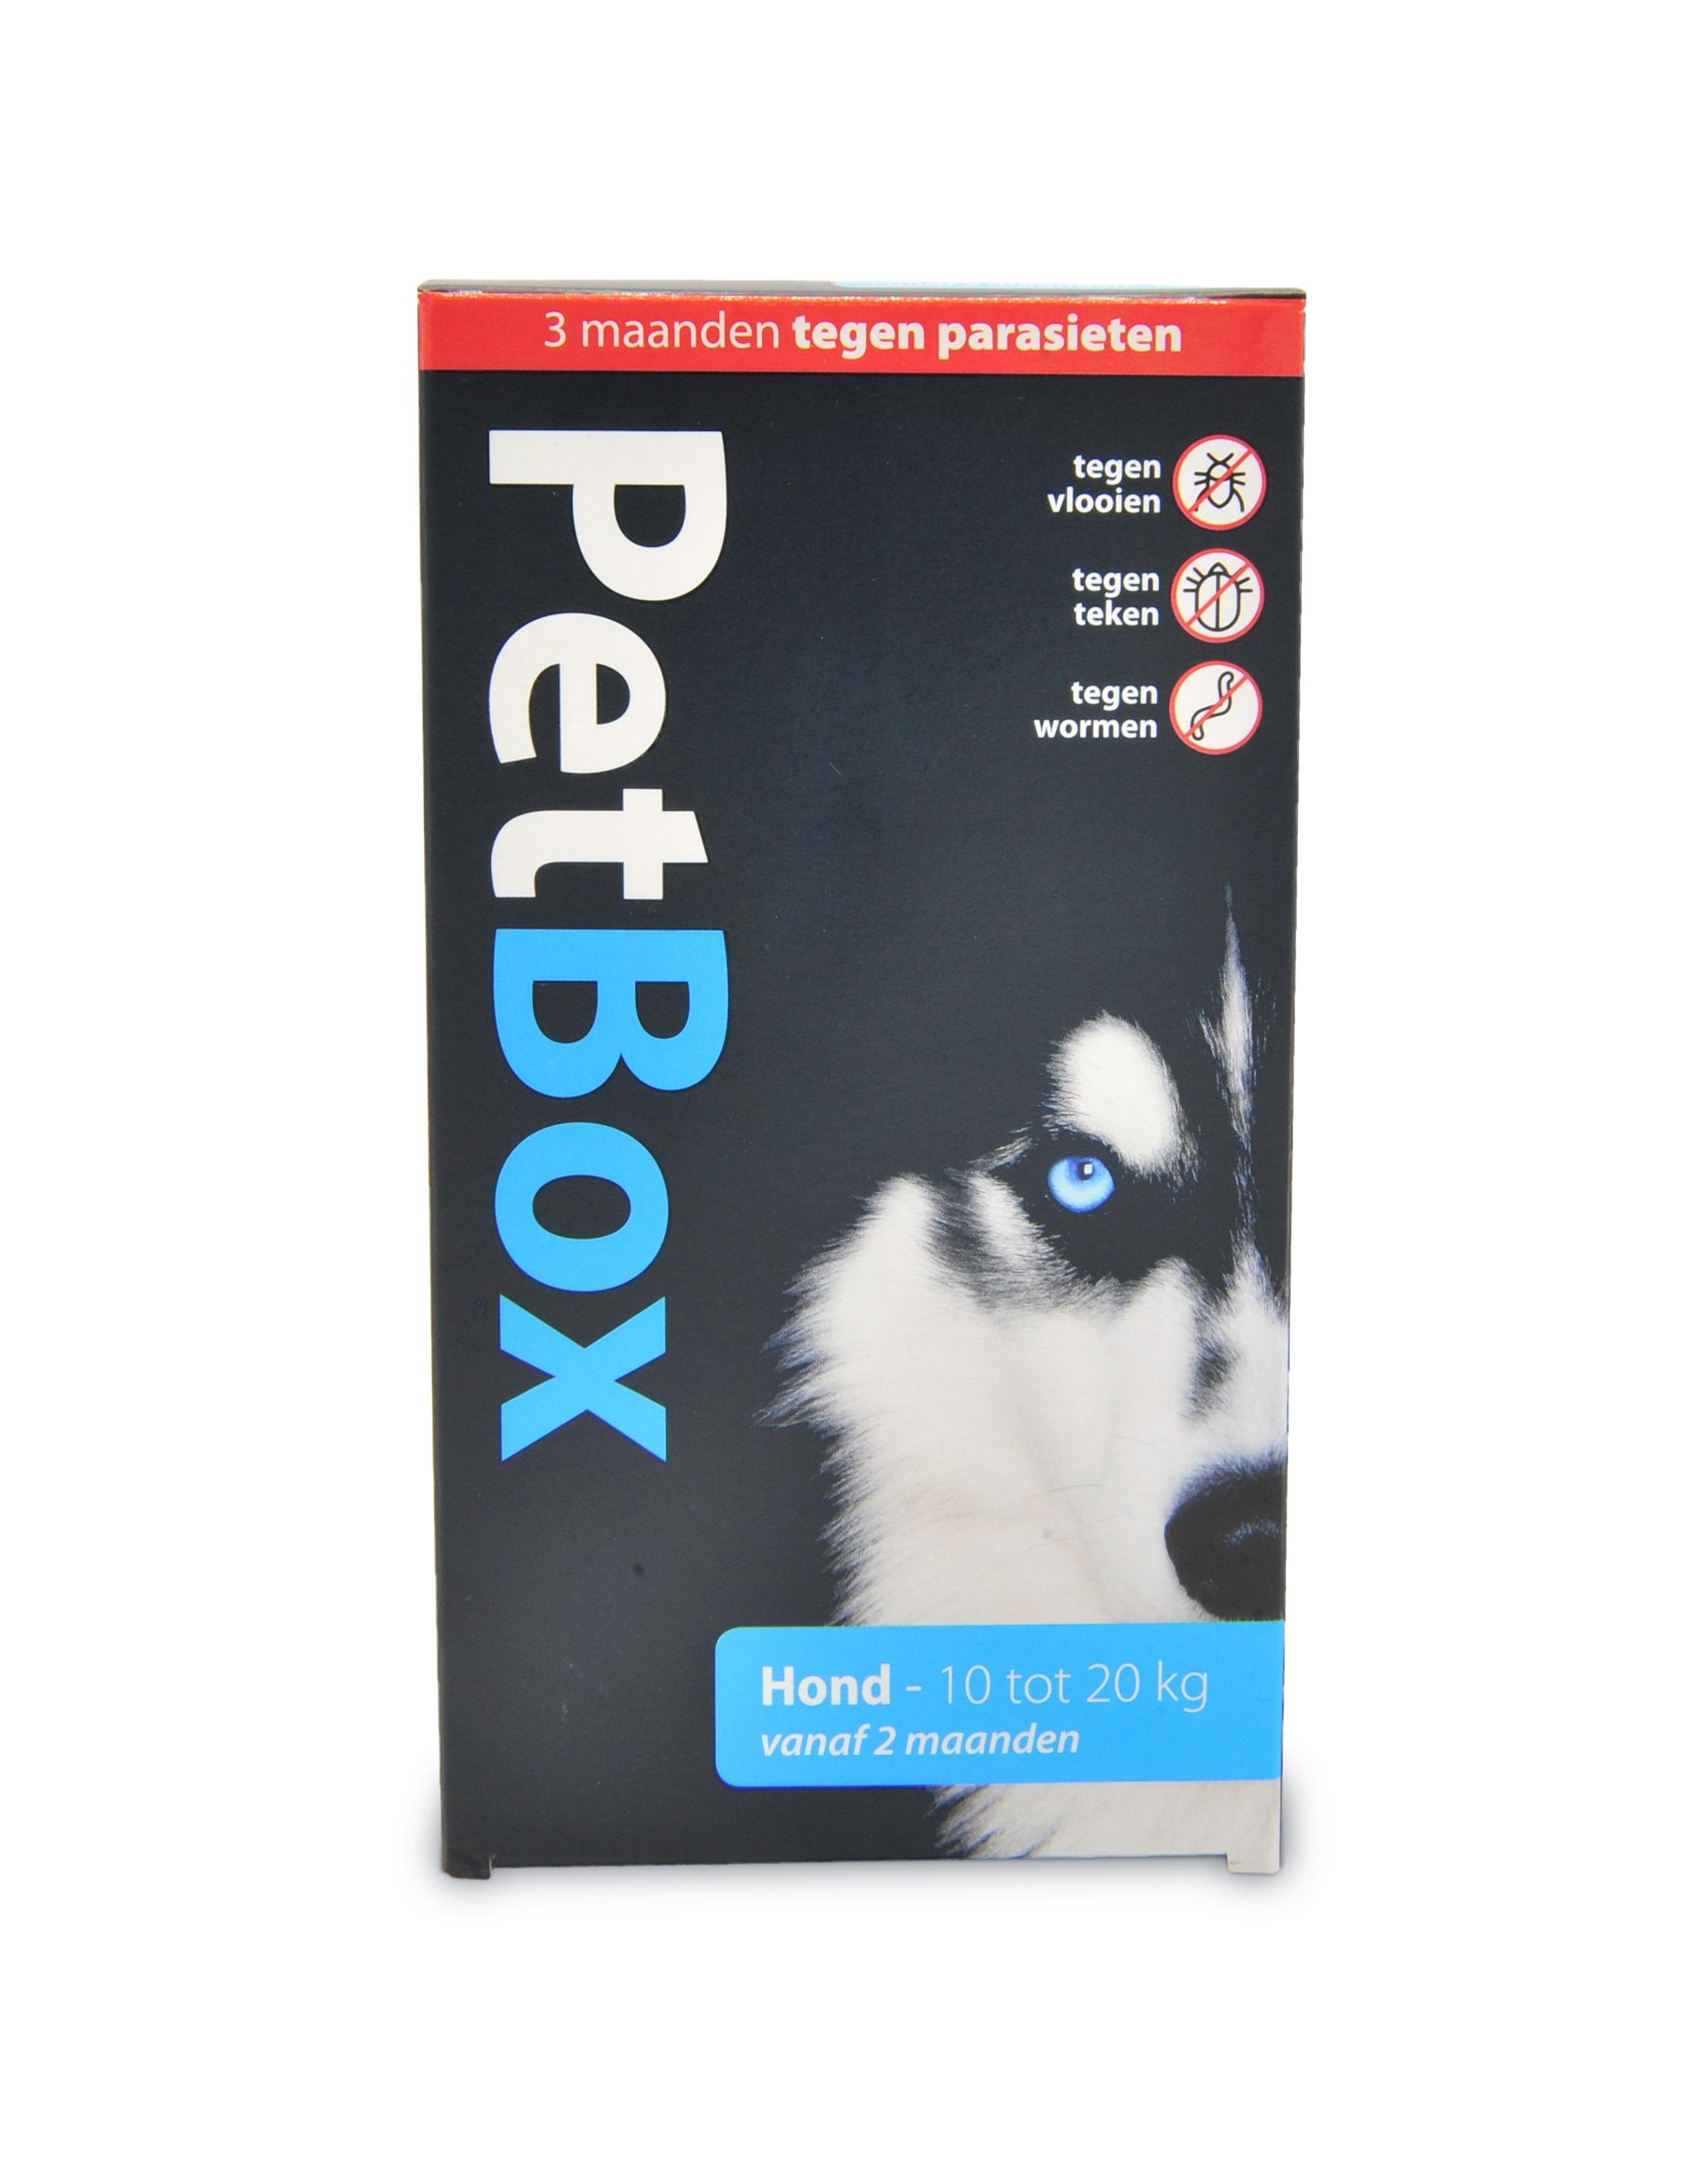 PETBOX HOND 10 - 20KG N 00001